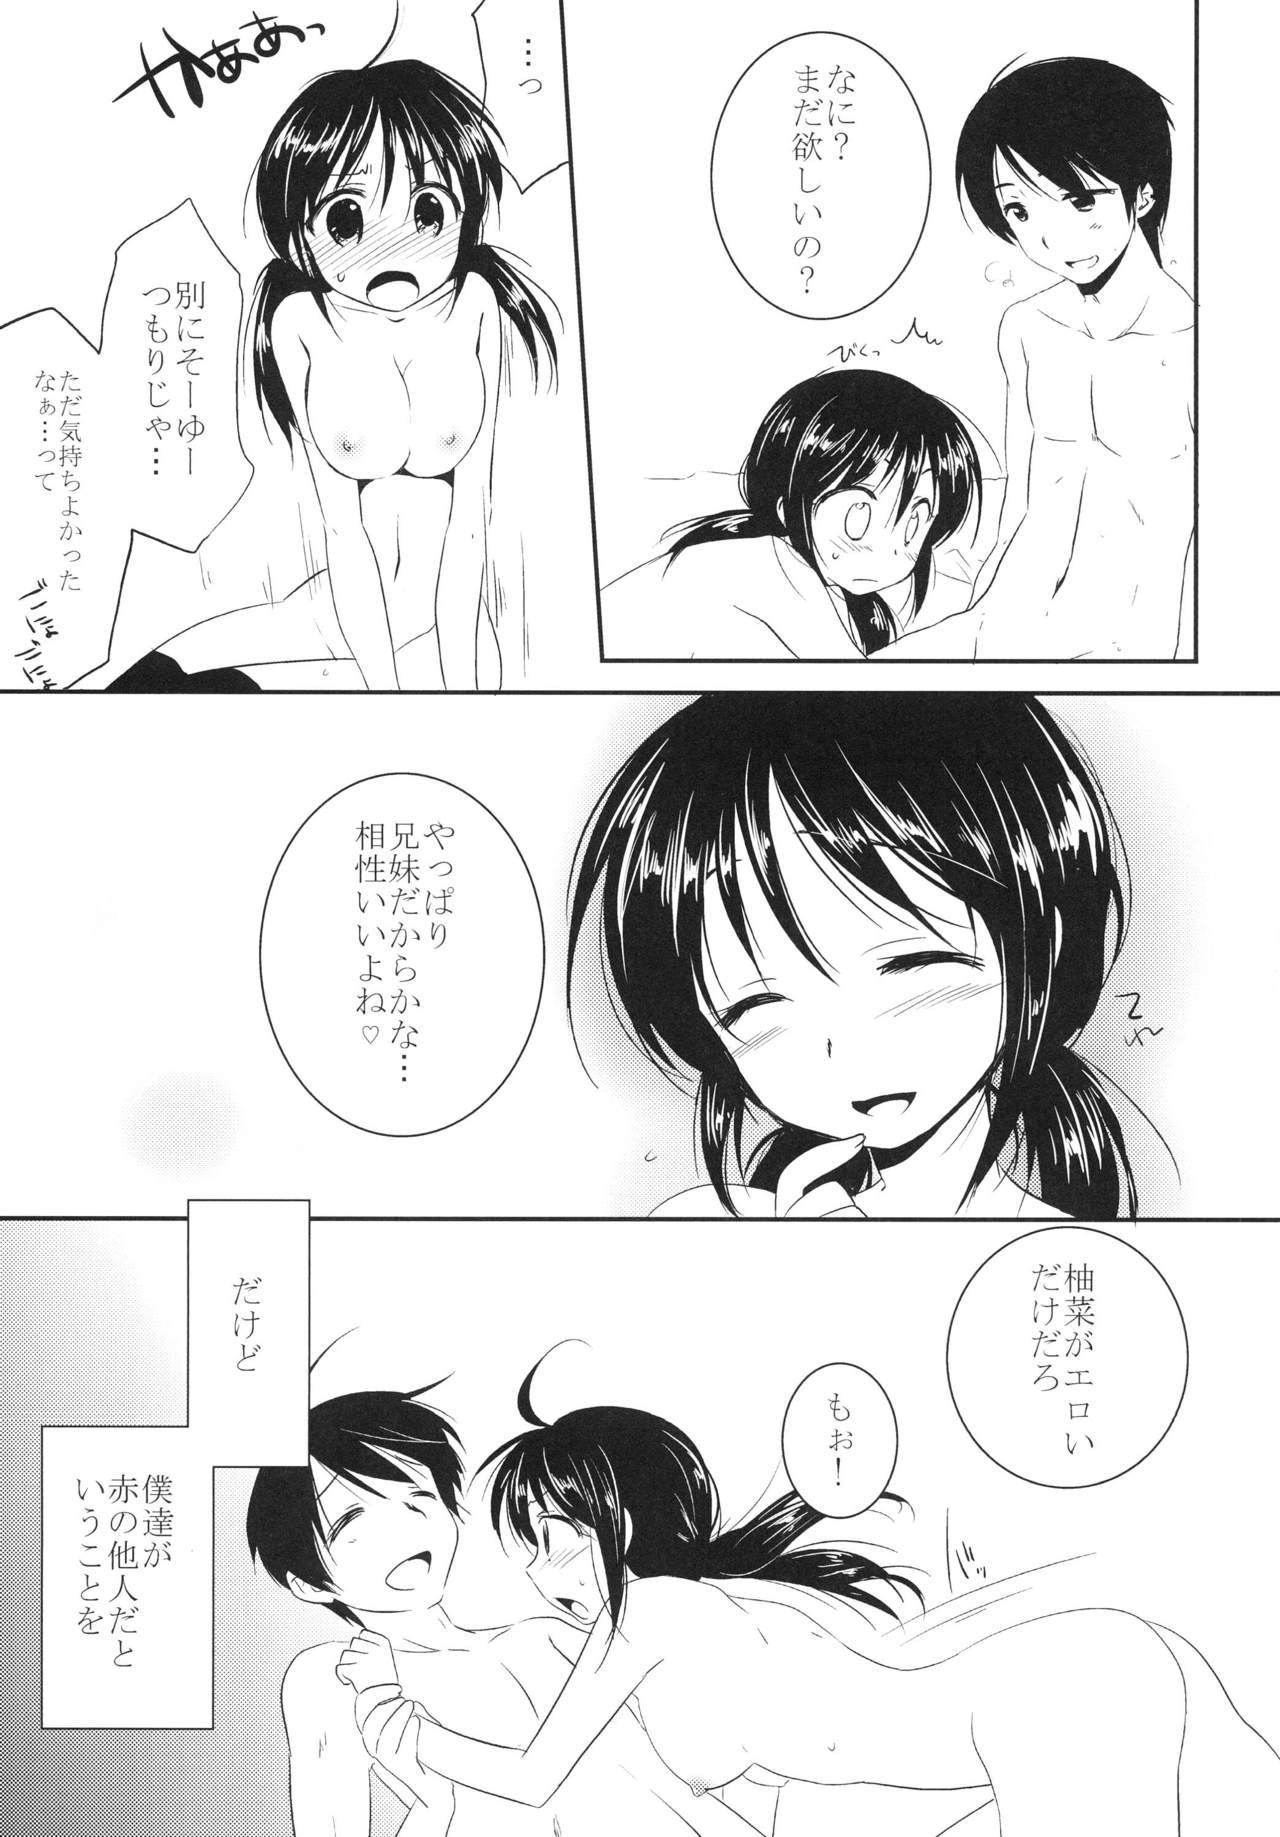 Imouto wa Shiranai 4